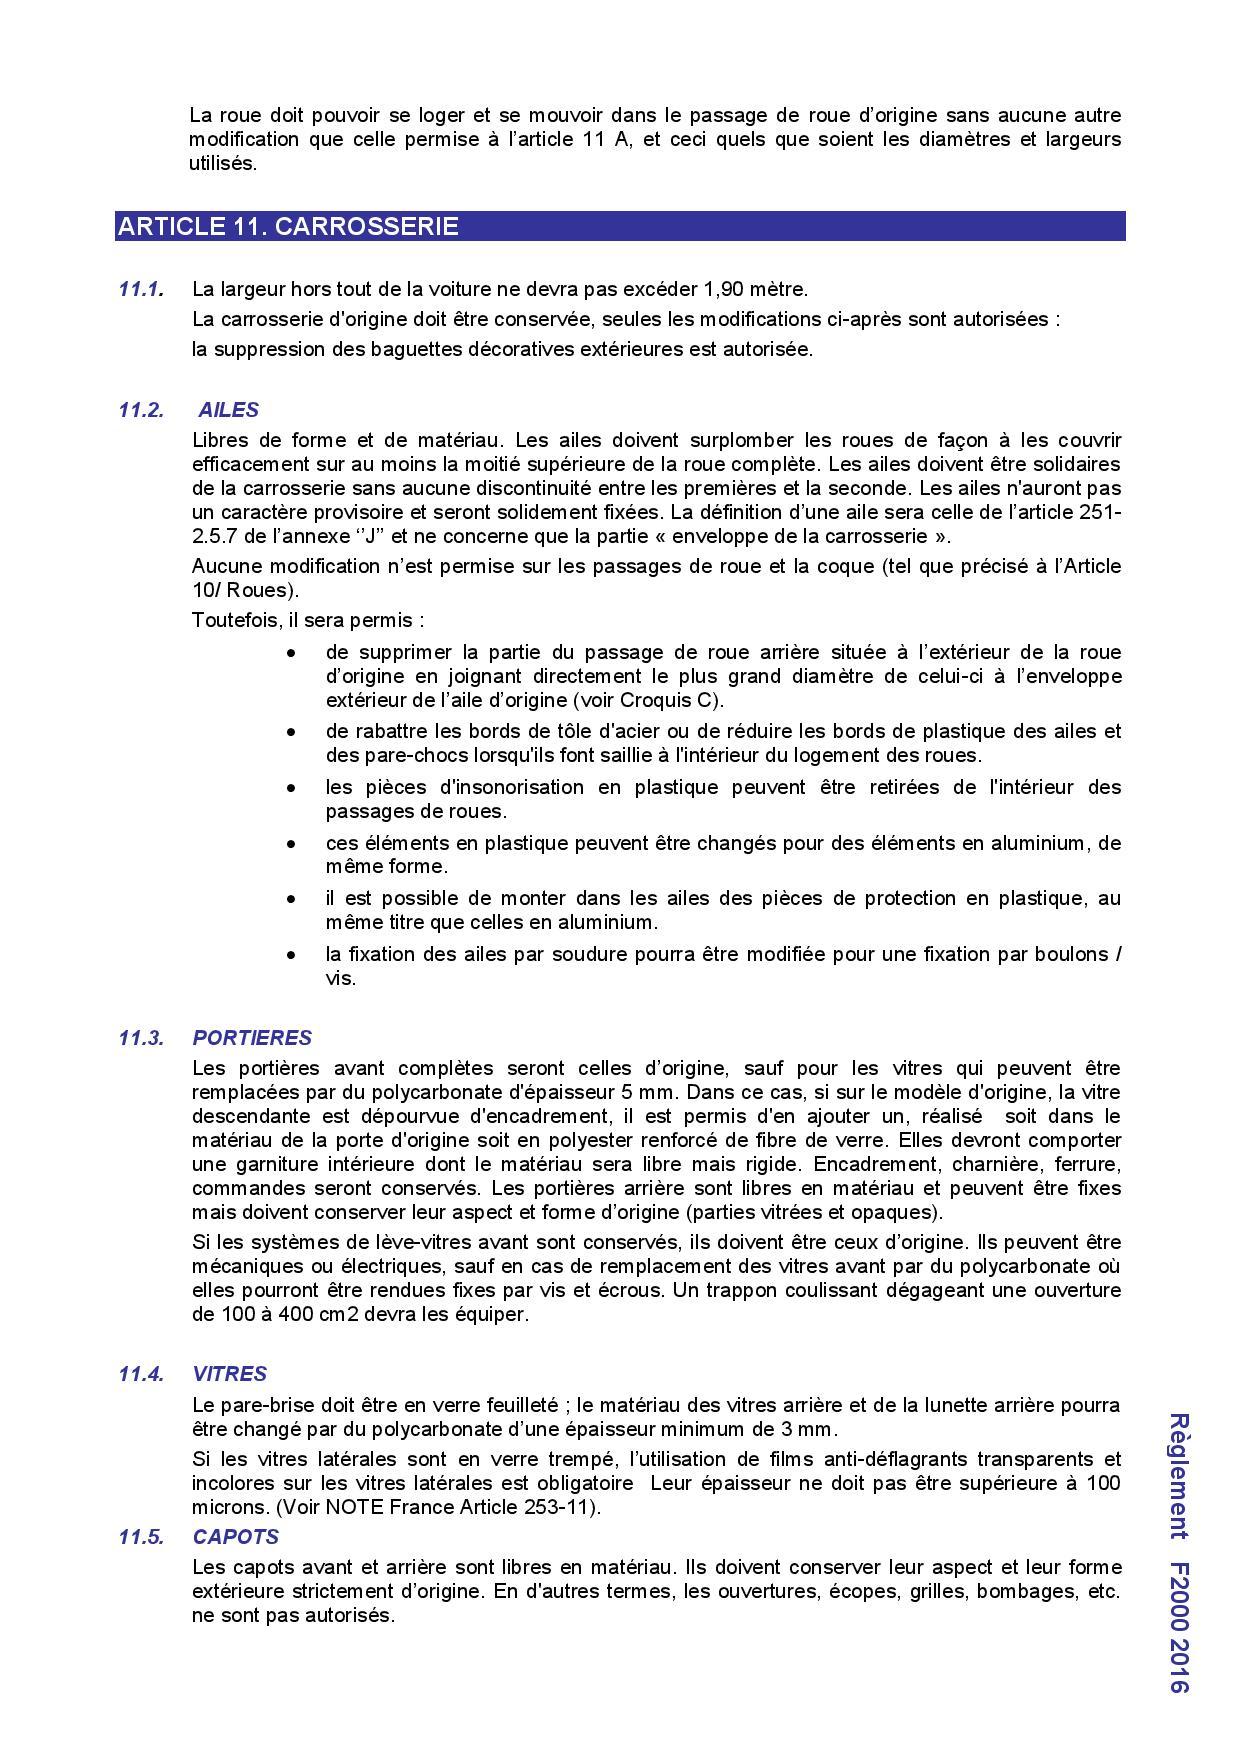 La Twingo 1 Rallye f2011 57210c73117b2